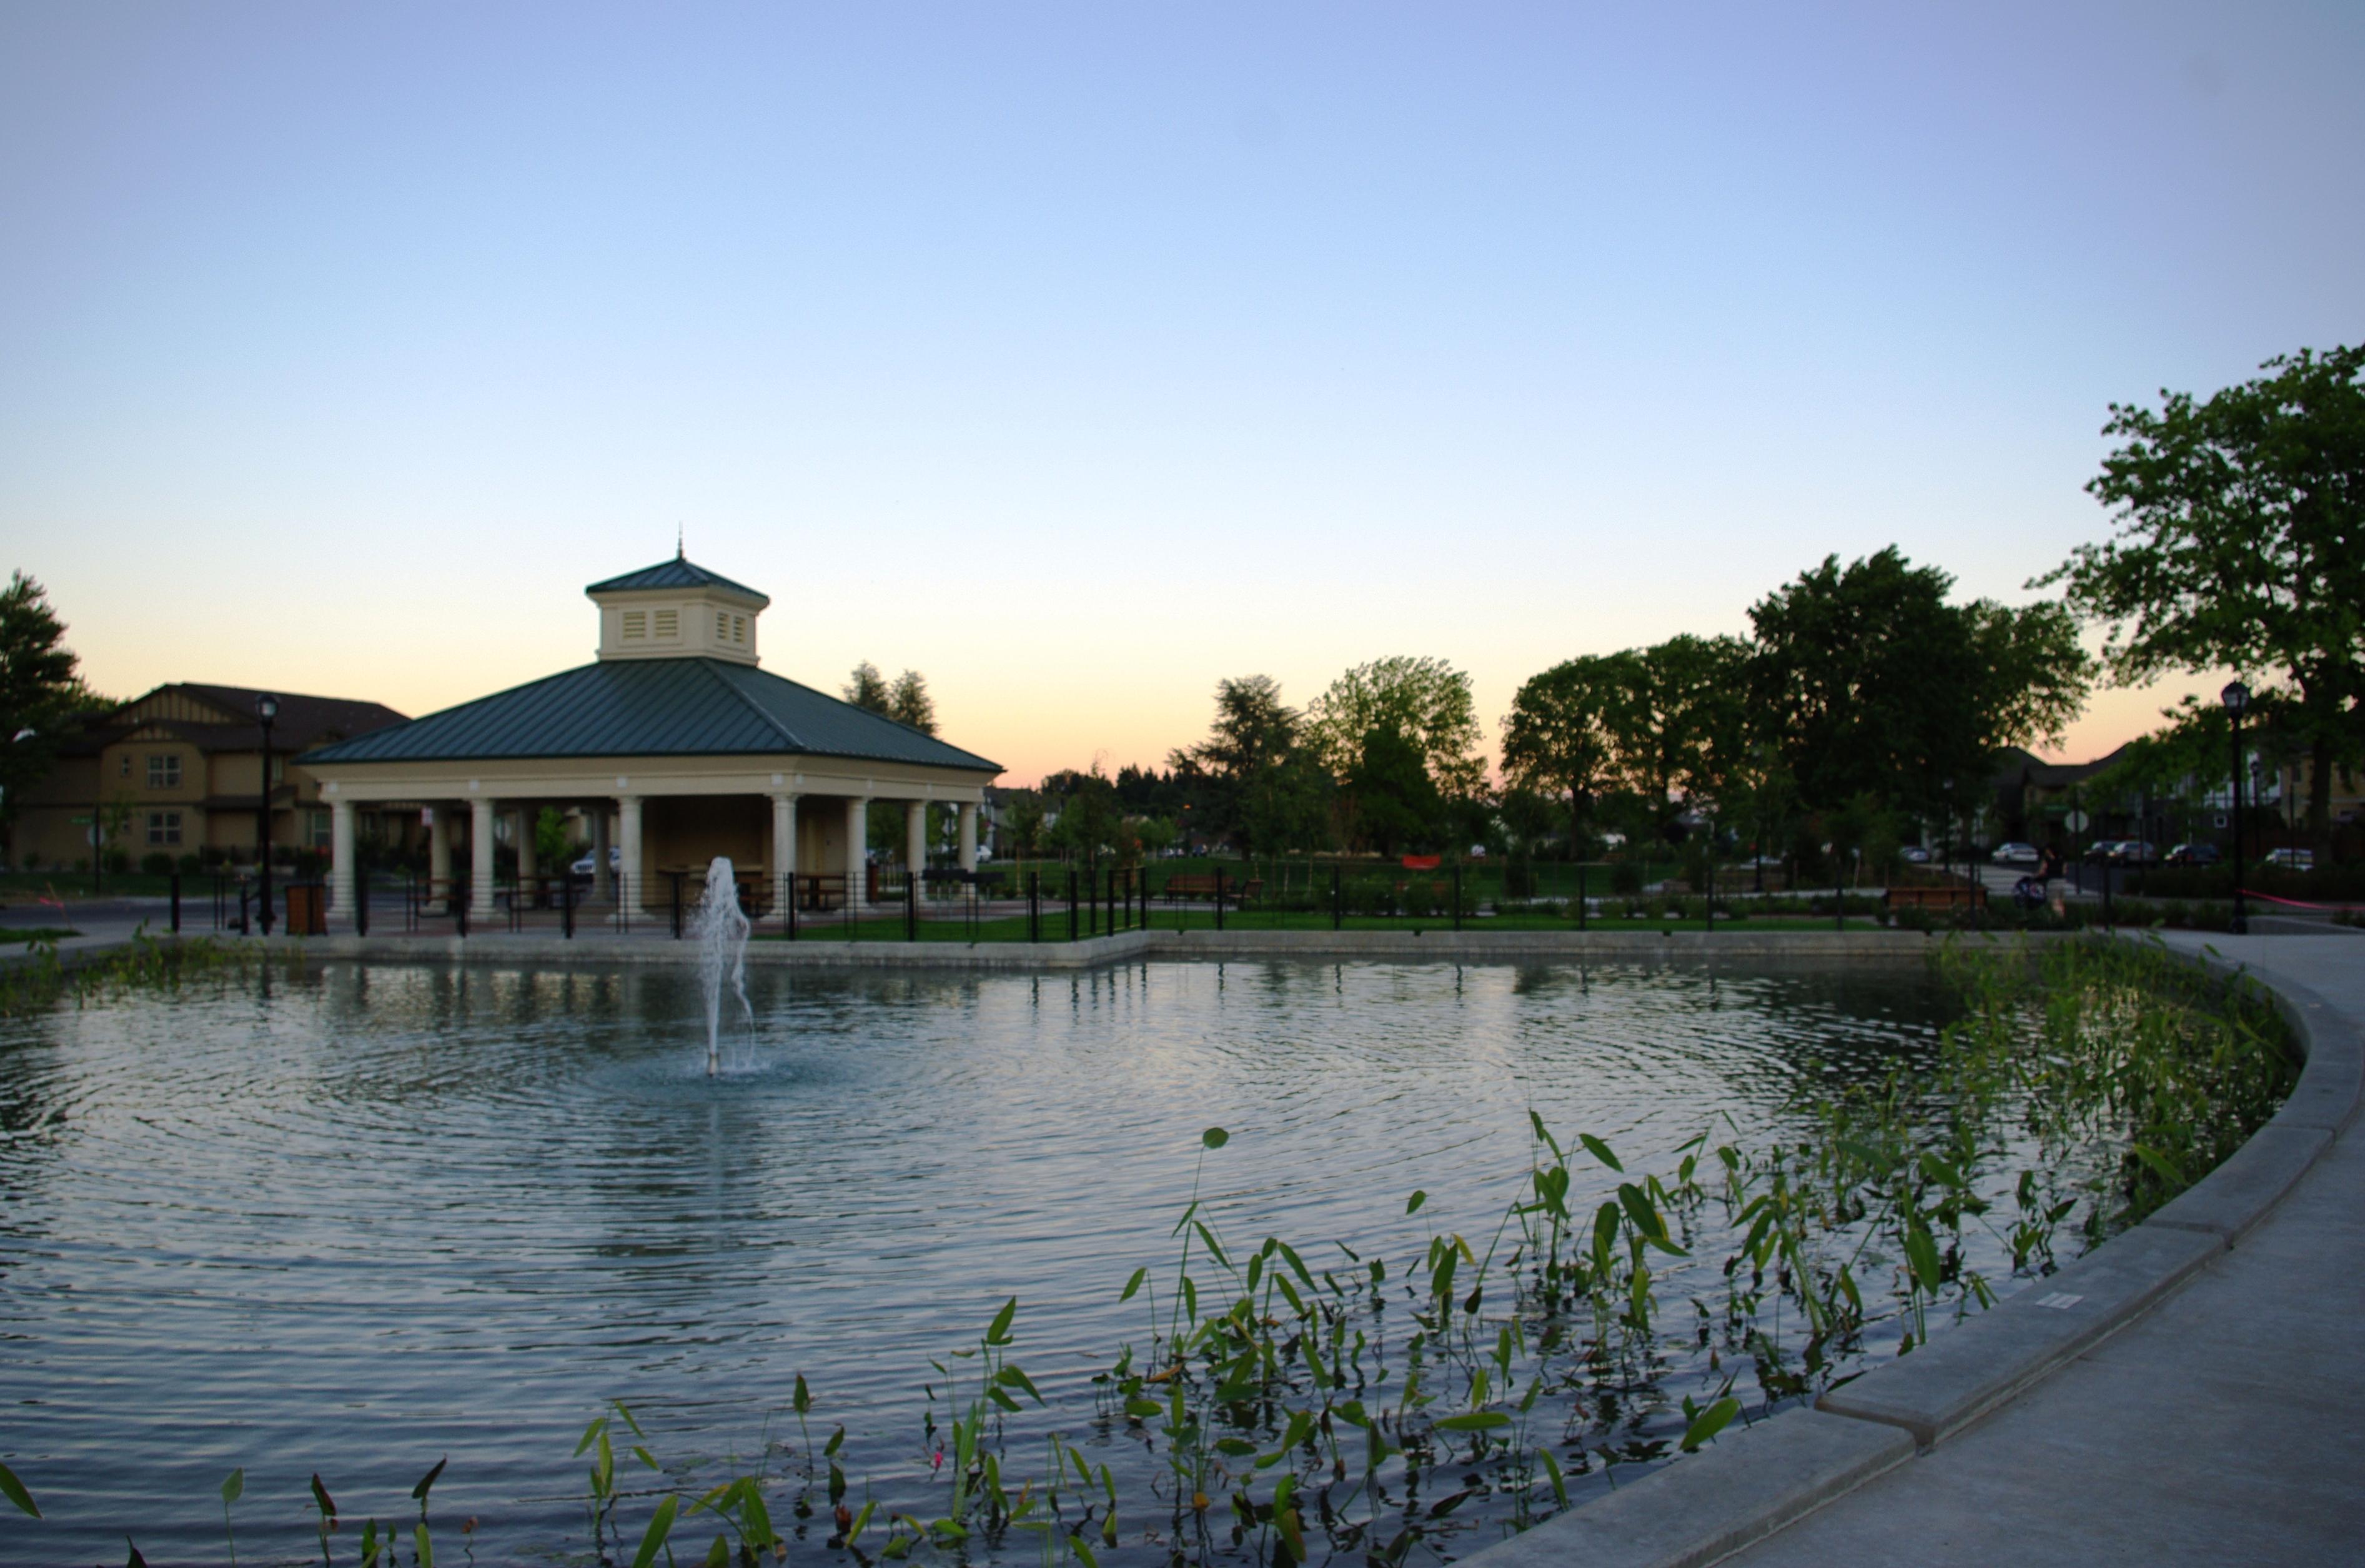 File:Sophia Park Wilsonville Oregon.JPG - Wikimedia Commons